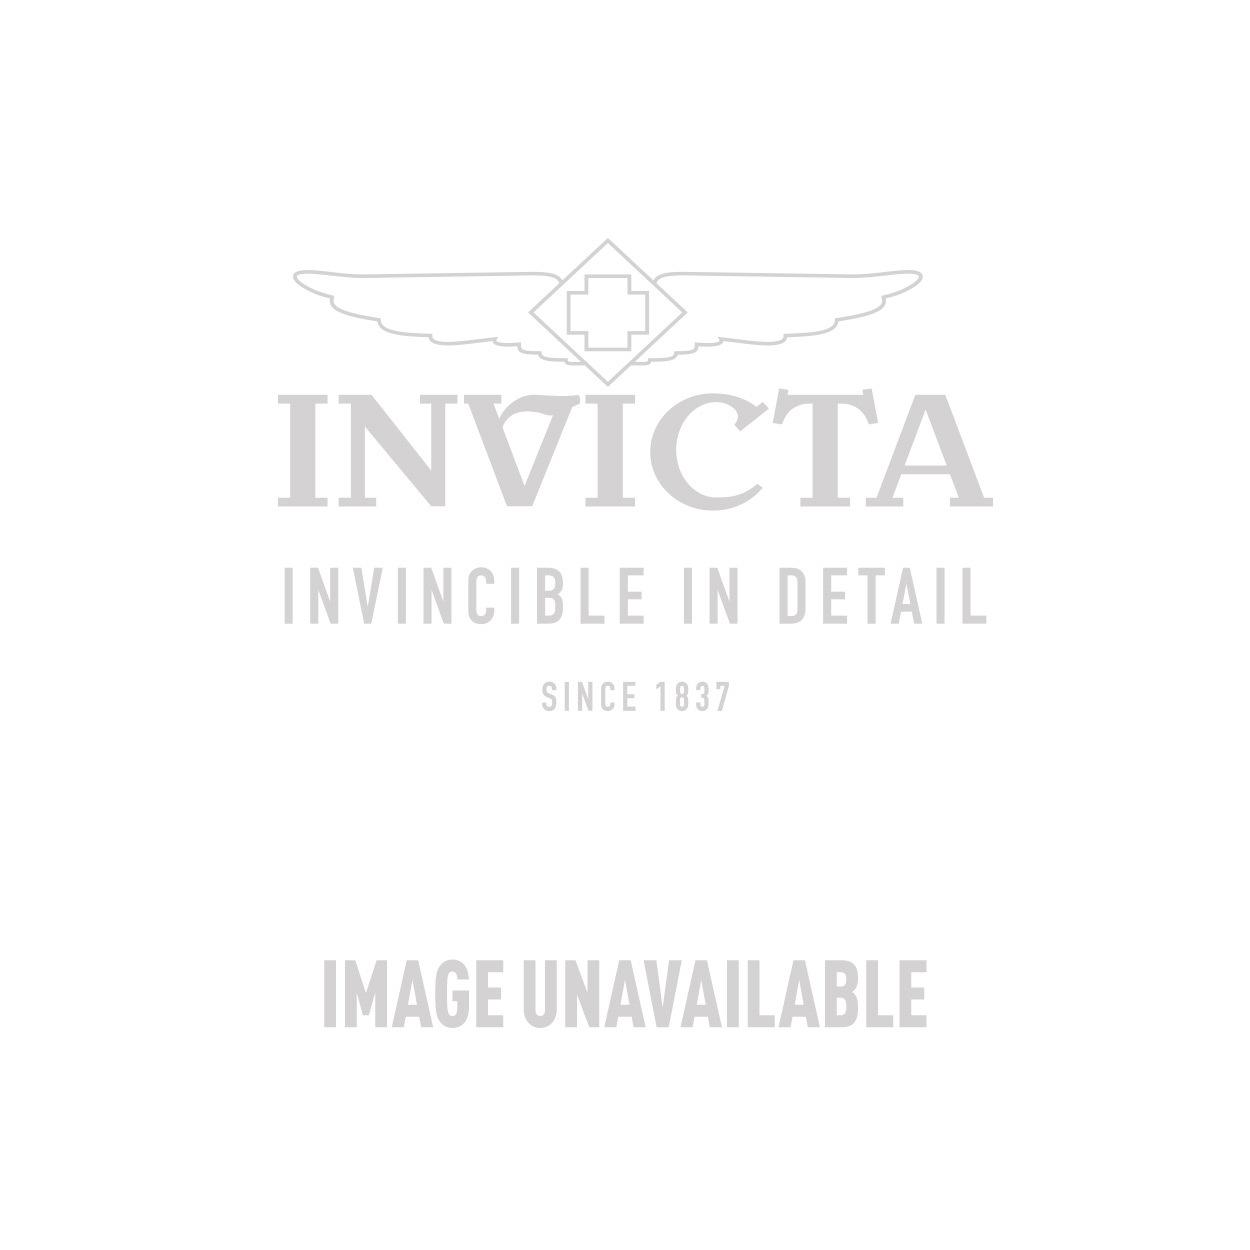 INVICTA Jewelry AISHA Necklaces 80 26 Silver 925 Rhodium+Yellow Gold - Model J0105